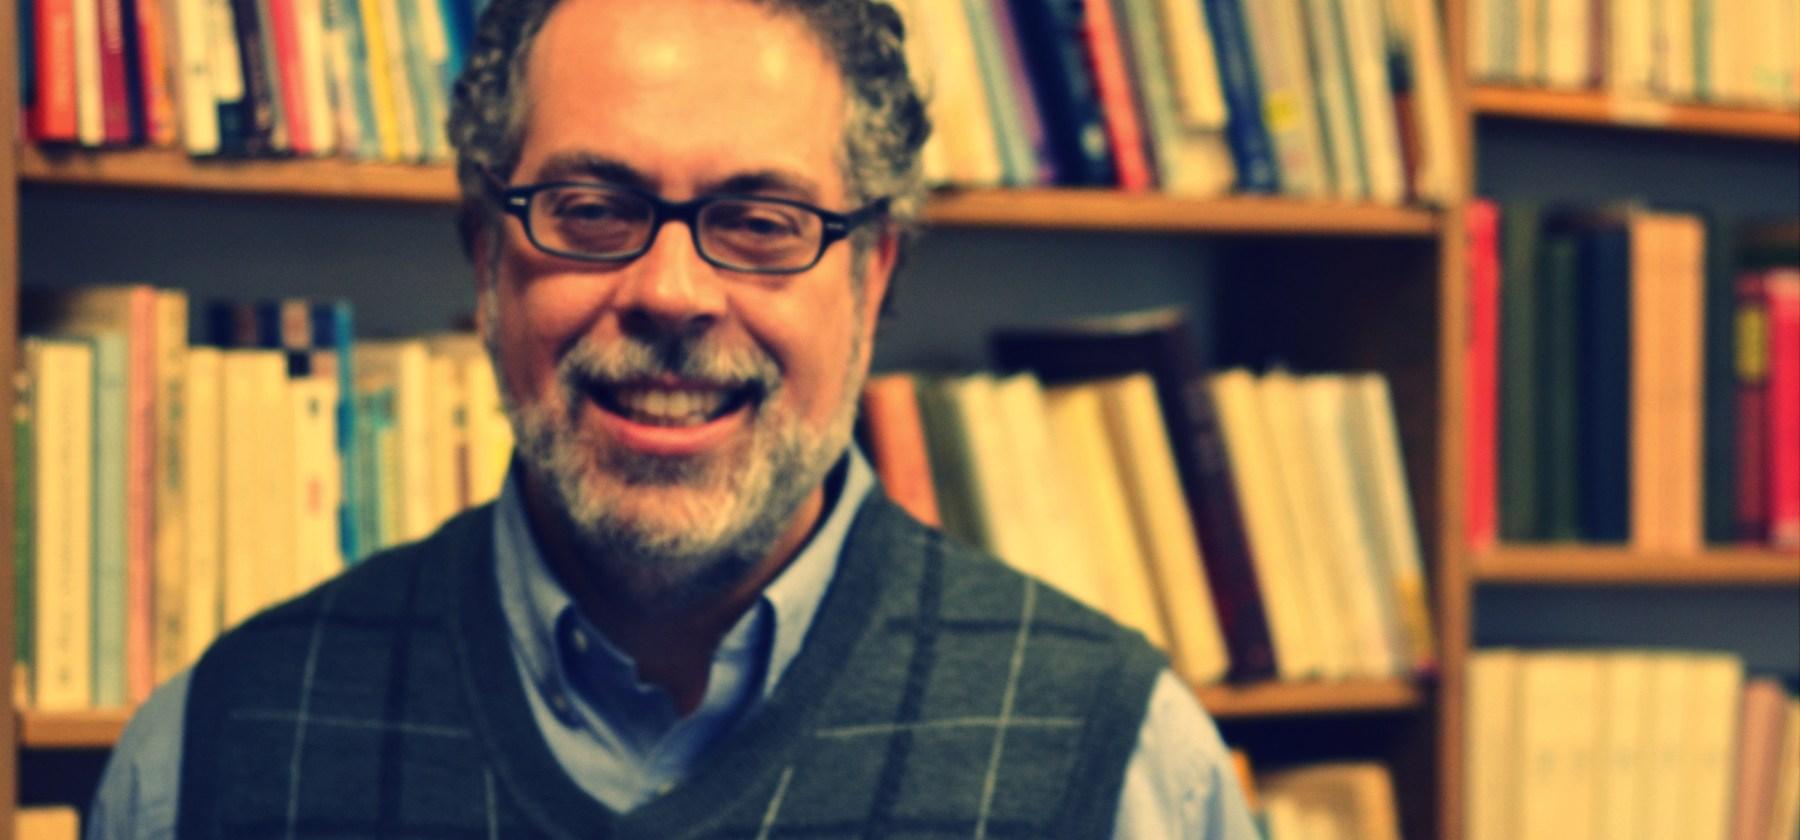 Damon DiMauro